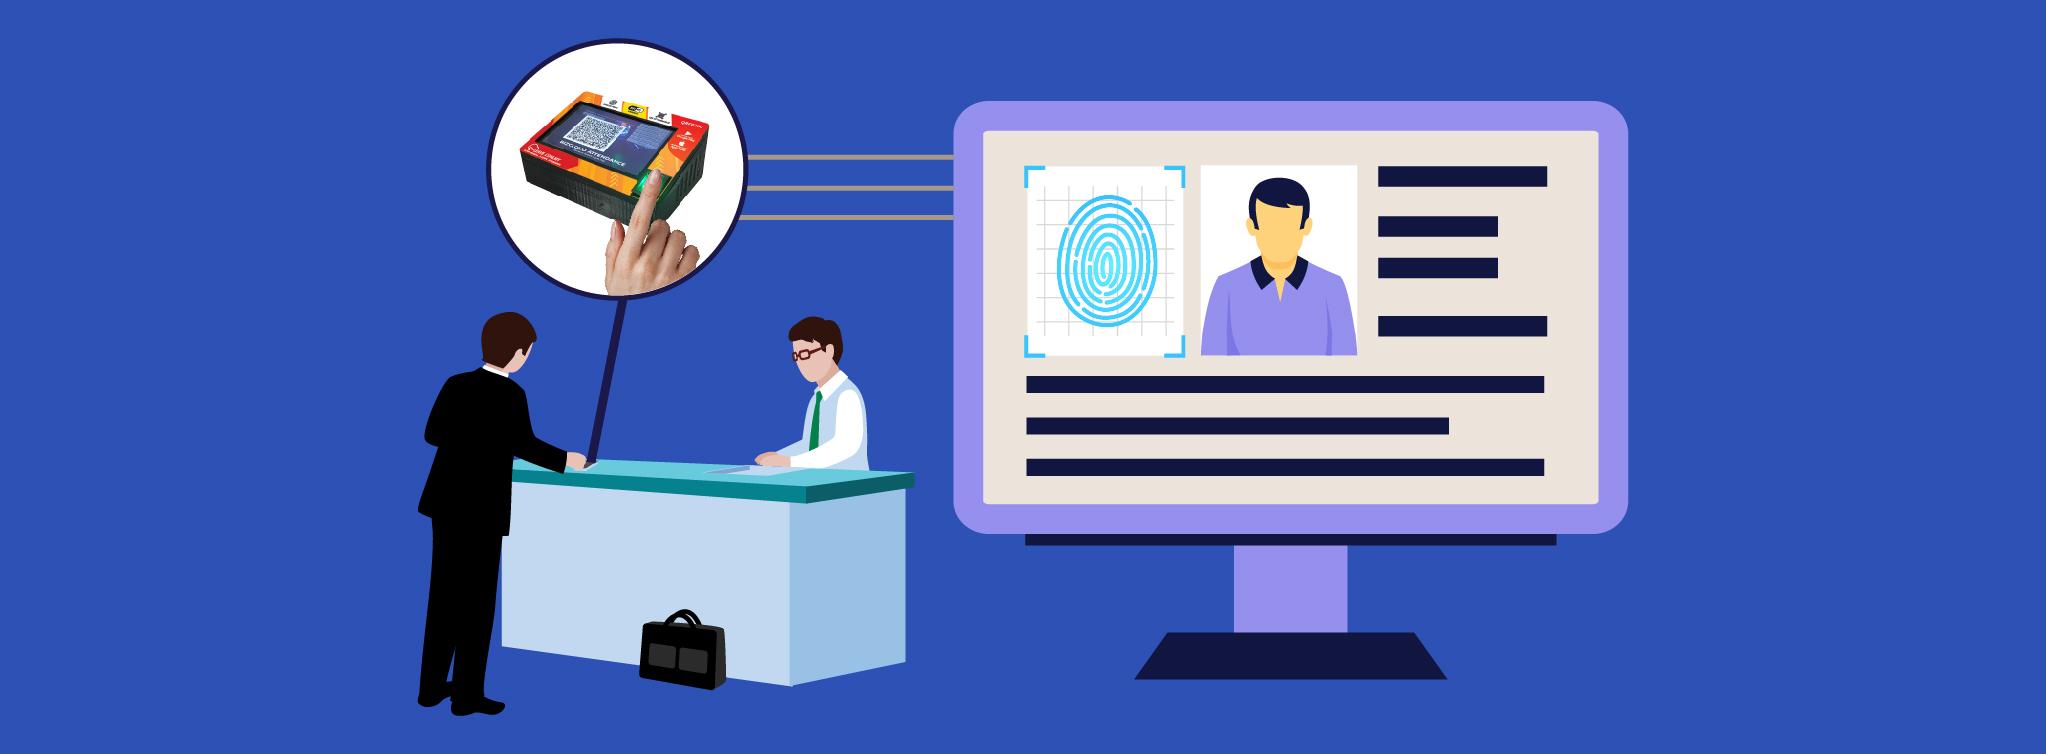 fingerprint-attendance-system